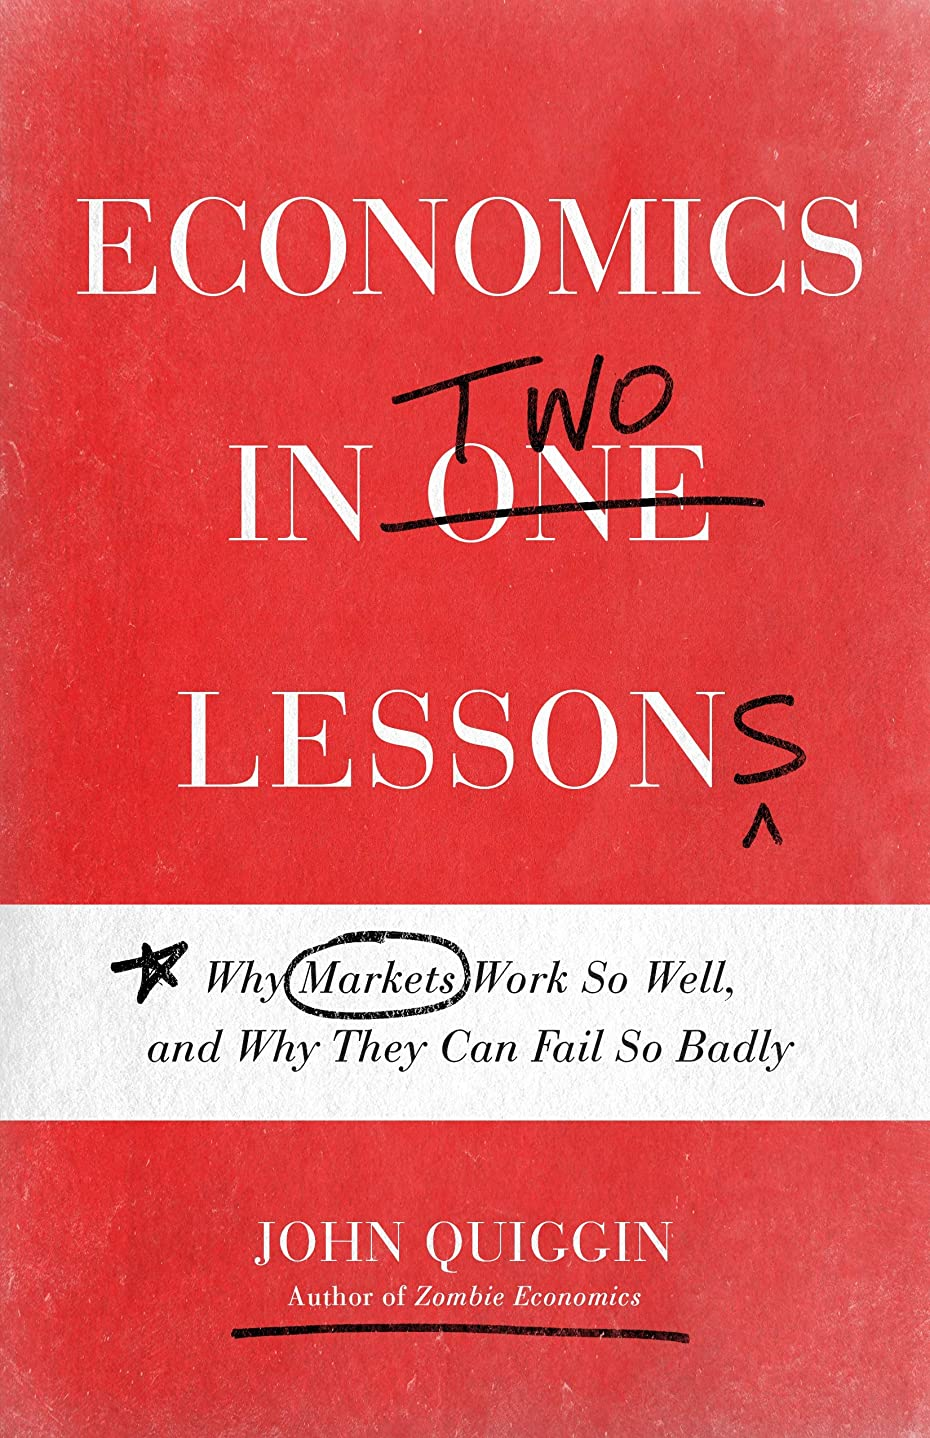 旅タフ疼痛Economics in Two Lessons: Why Markets Work So Well, and Why They Can Fail So Badly (English Edition)